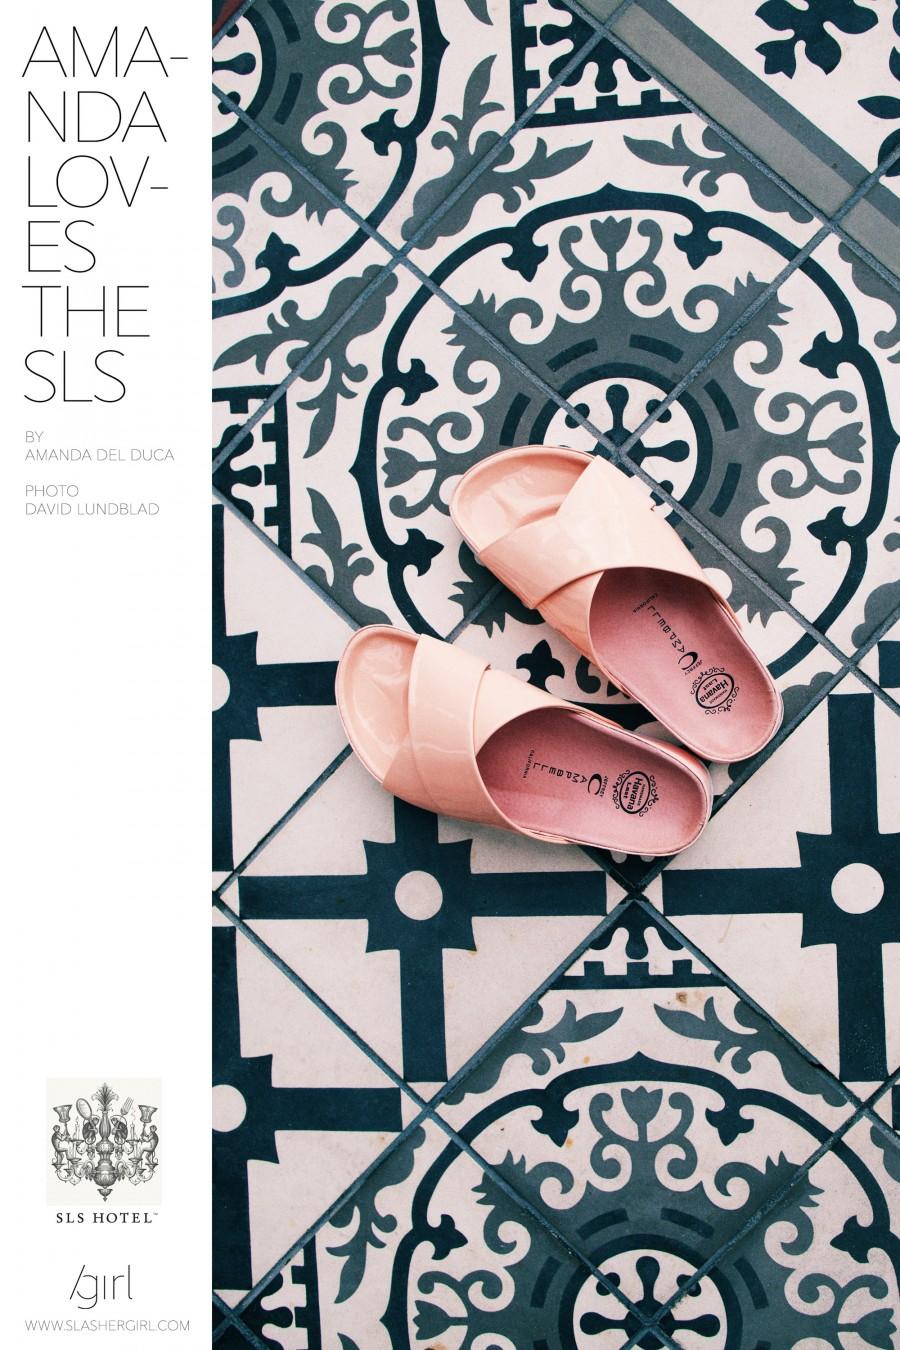 Amanda-Del-Duca-and-the-SLS-12-900x1350.jpg